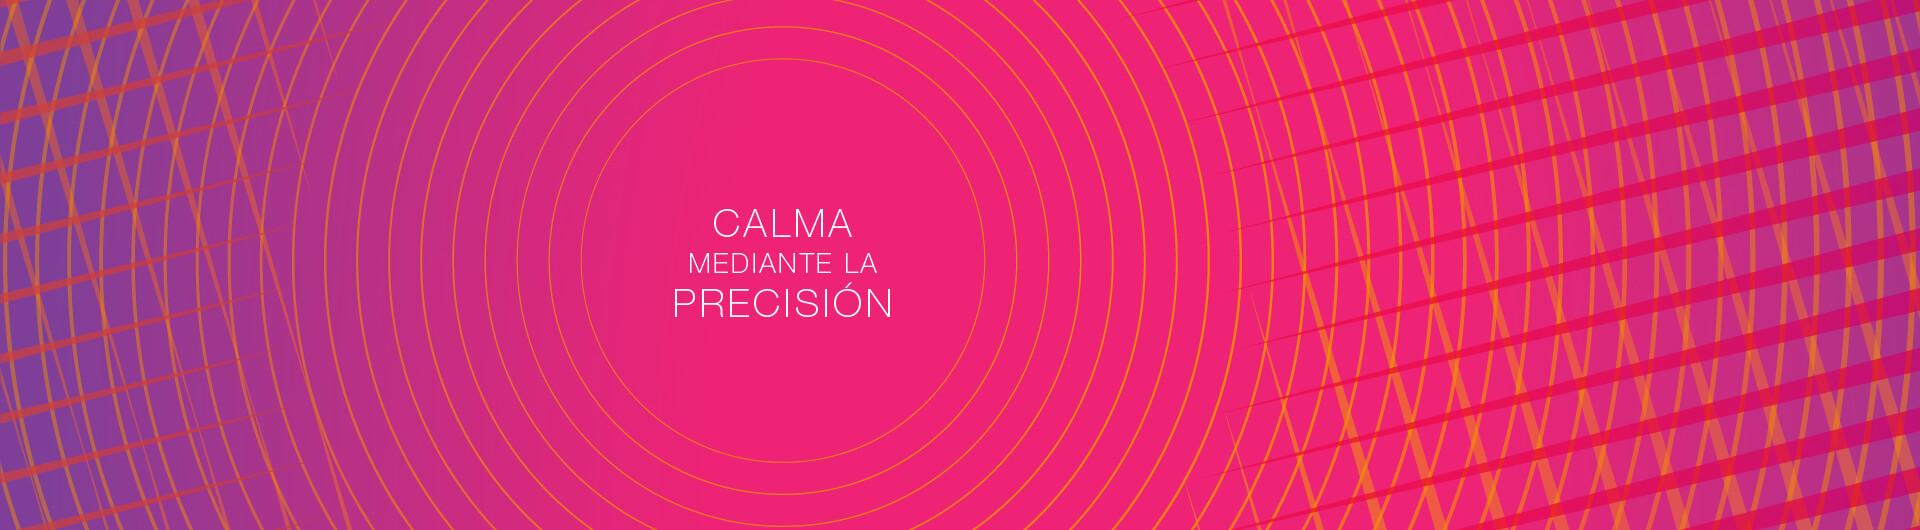 Brainlab Estereotaxia: Calma mediante la precision